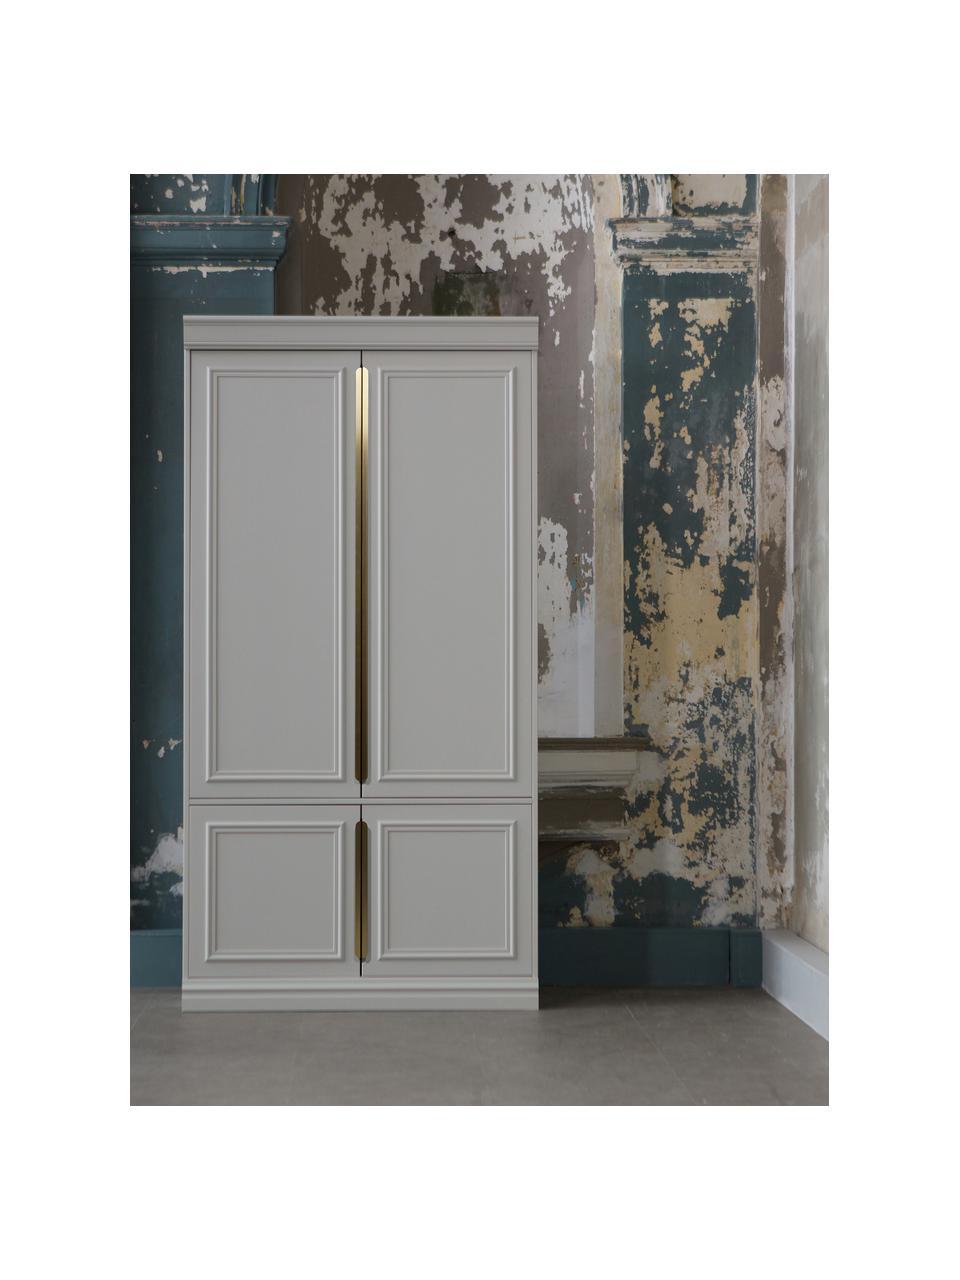 Kleiderschrank Organize mit vier Einlegeböden, Korpus: Kiefernholz, lackiert, Griffe: Metall, beschichtet, Grau, Weiß, 110 x 215 cm